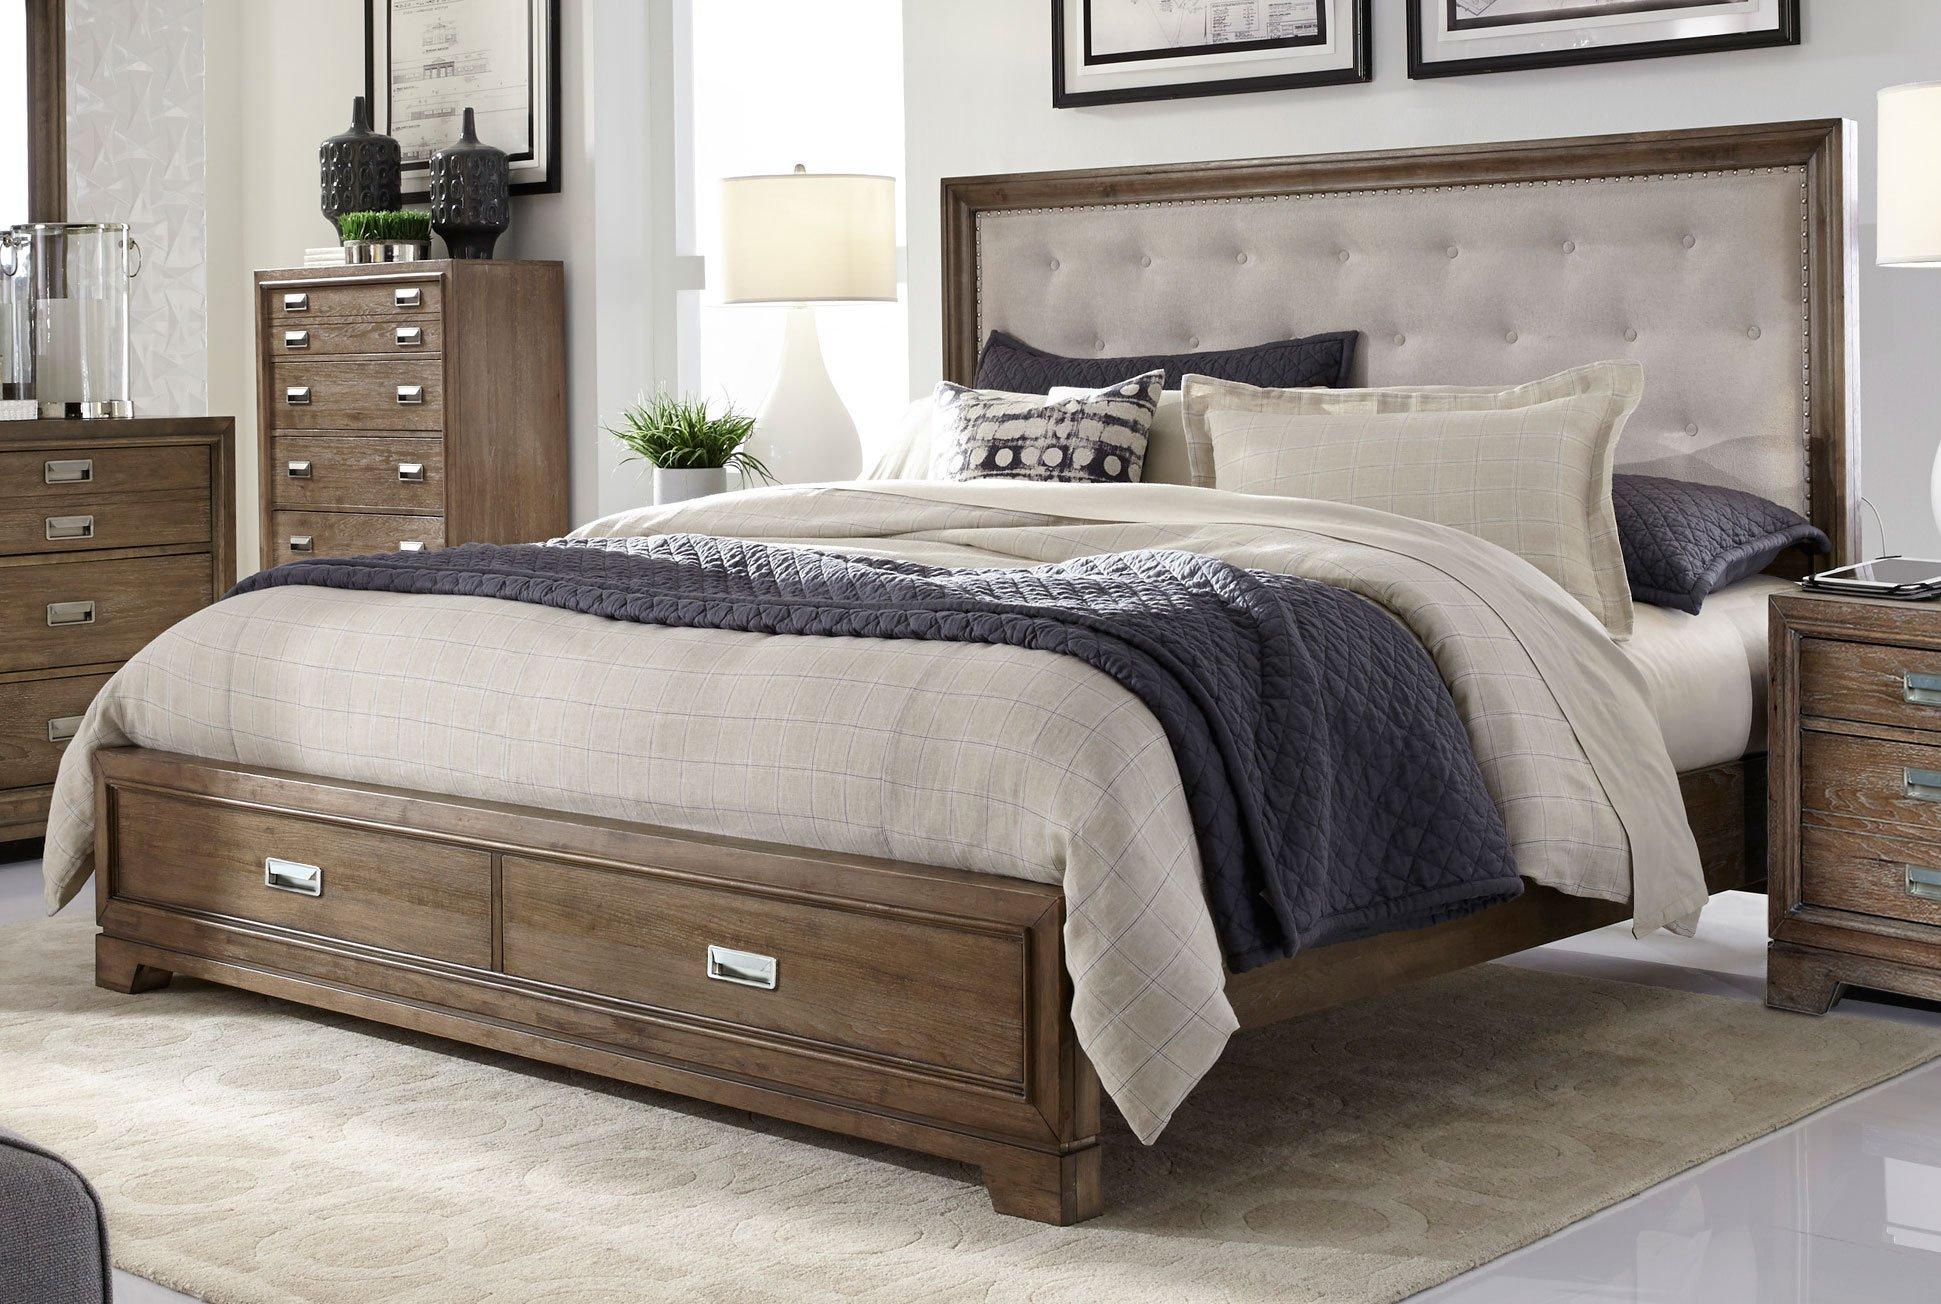 caramel brown rustic contemporary 6 piece queen bedroom